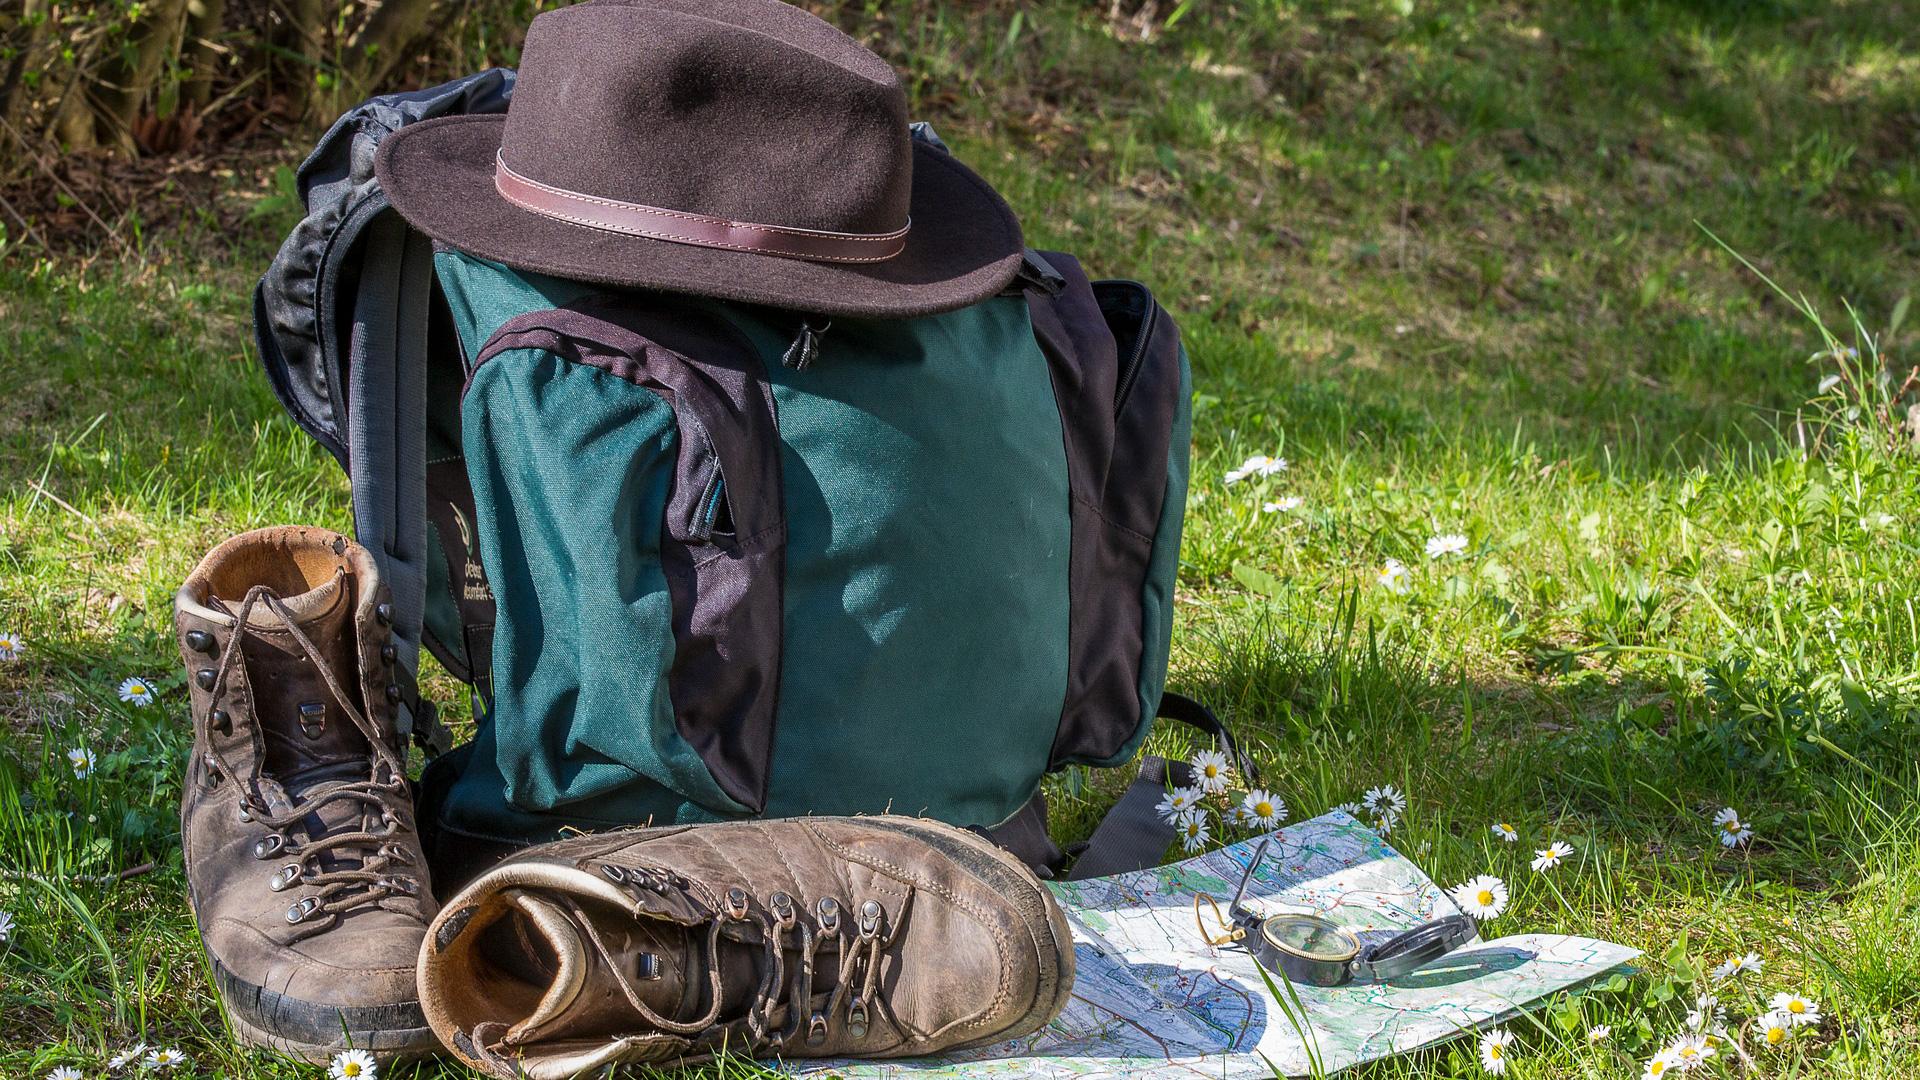 Gut versichert: Wie Wanderer für alle Eventualitäten vorsorgen